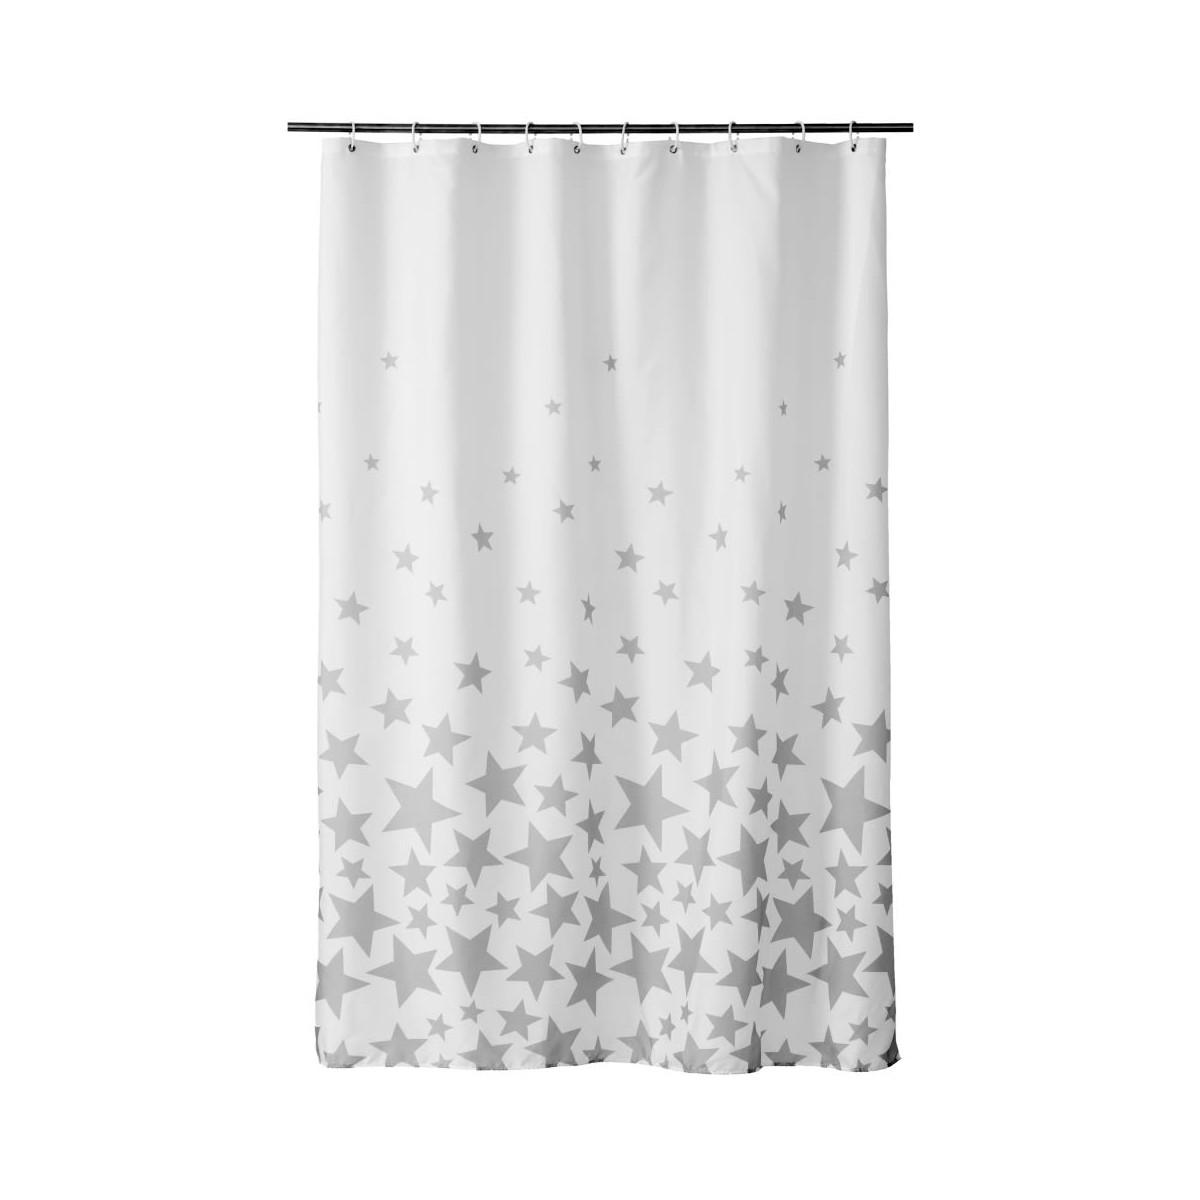 Rideau de douche blanc et gris étoiles